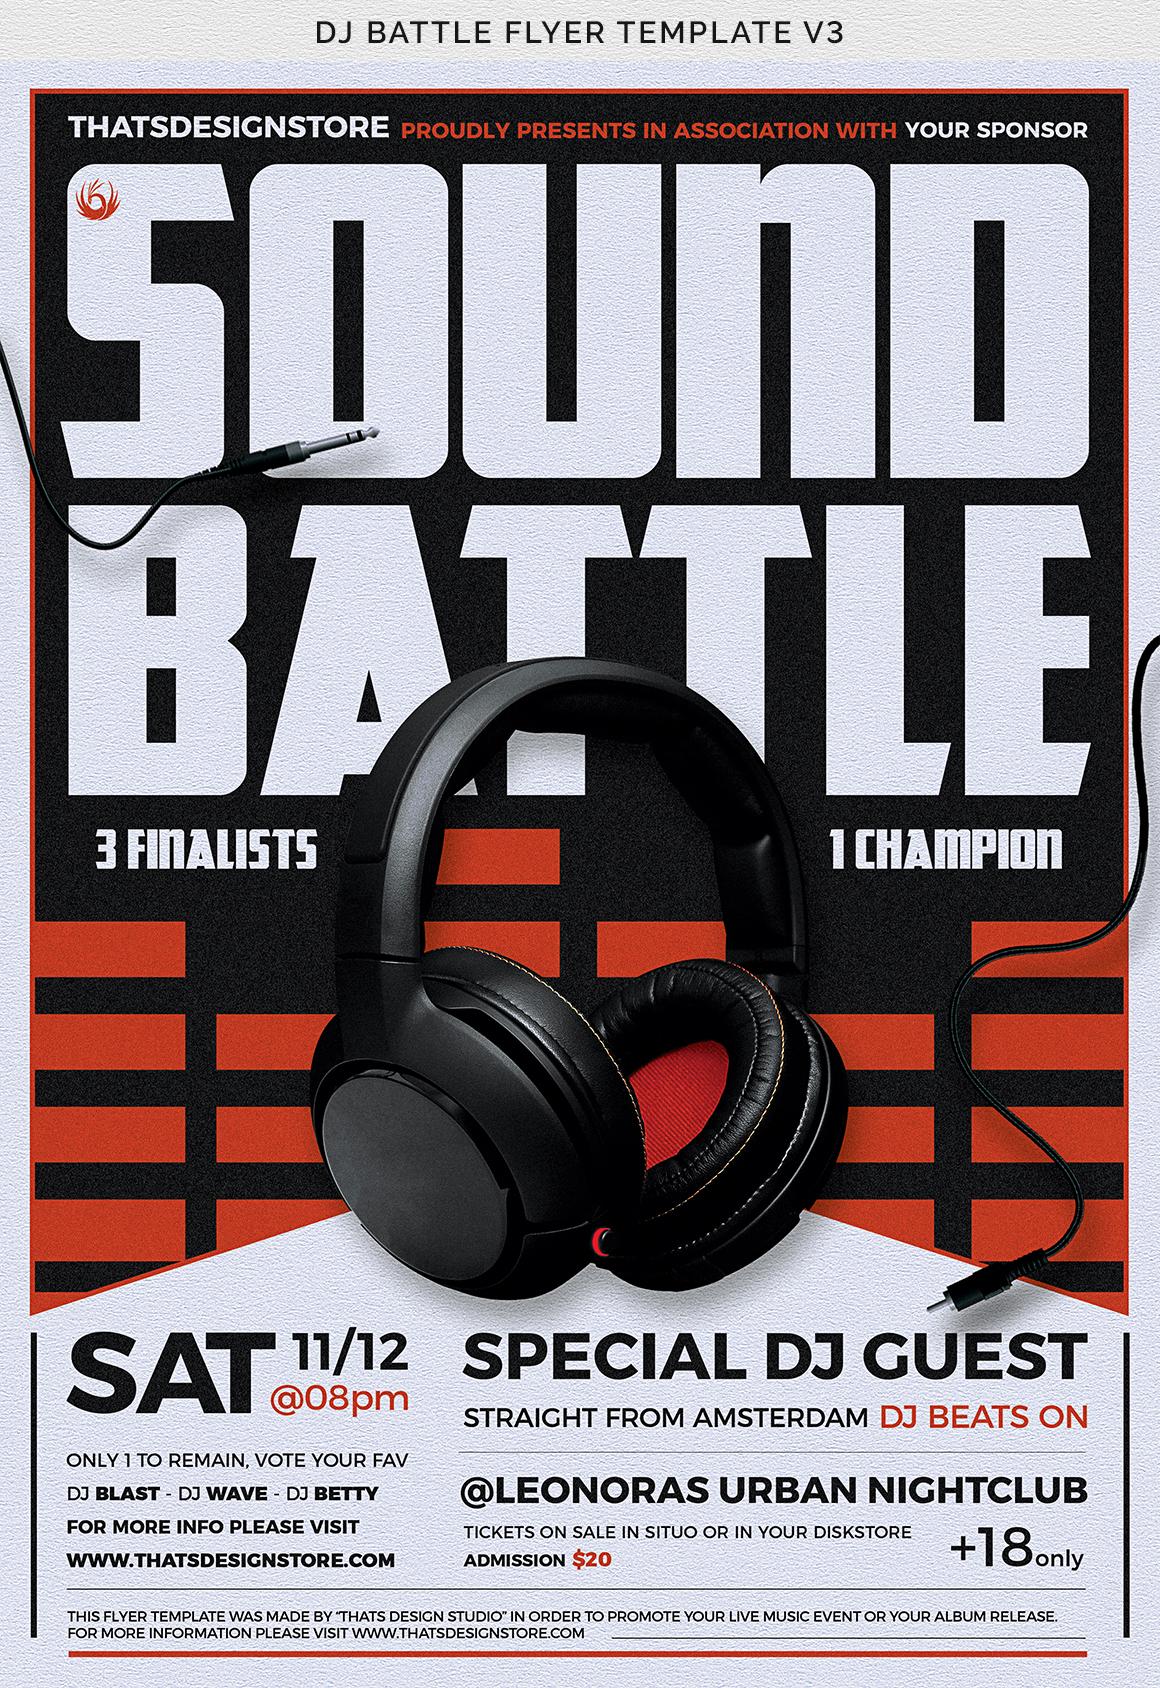 DJ Battle Flyer Template V3 example image 10